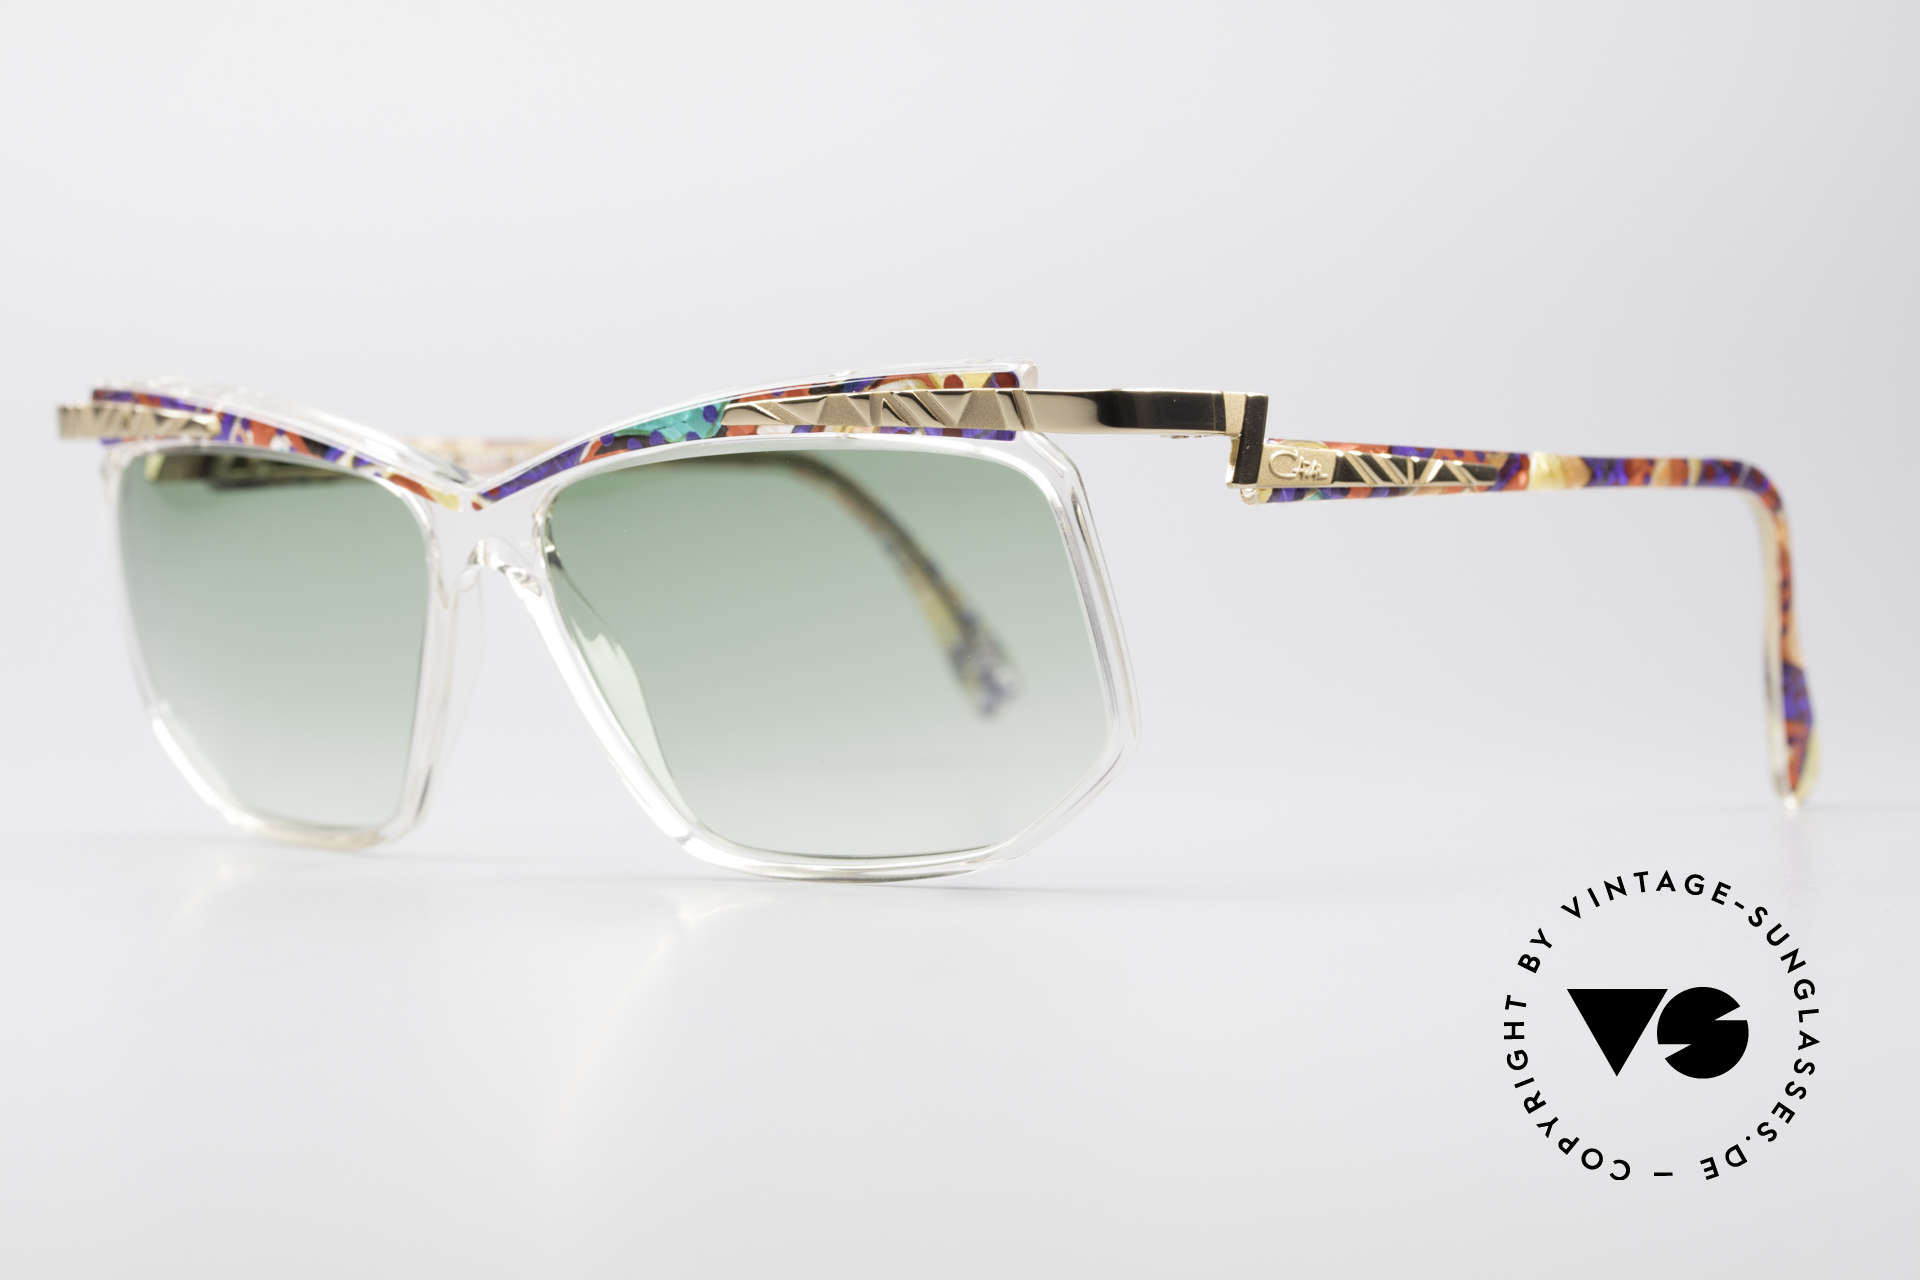 Cazal 366 Vintage Sonnenbrille Hip Hop, in Passau gefertigt - daher auch 'Frame Germany', Passend für Herren und Damen